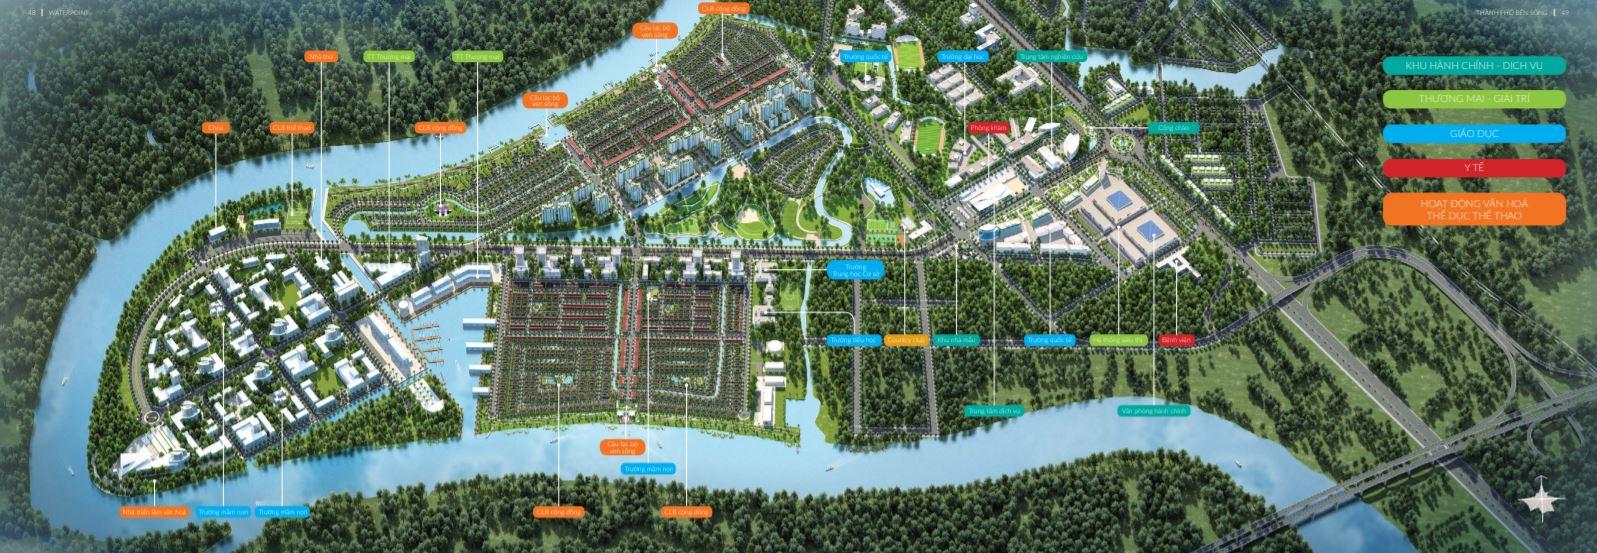 Waterpoint đạt chuẩn môi trường sống chất lượng quốc tế